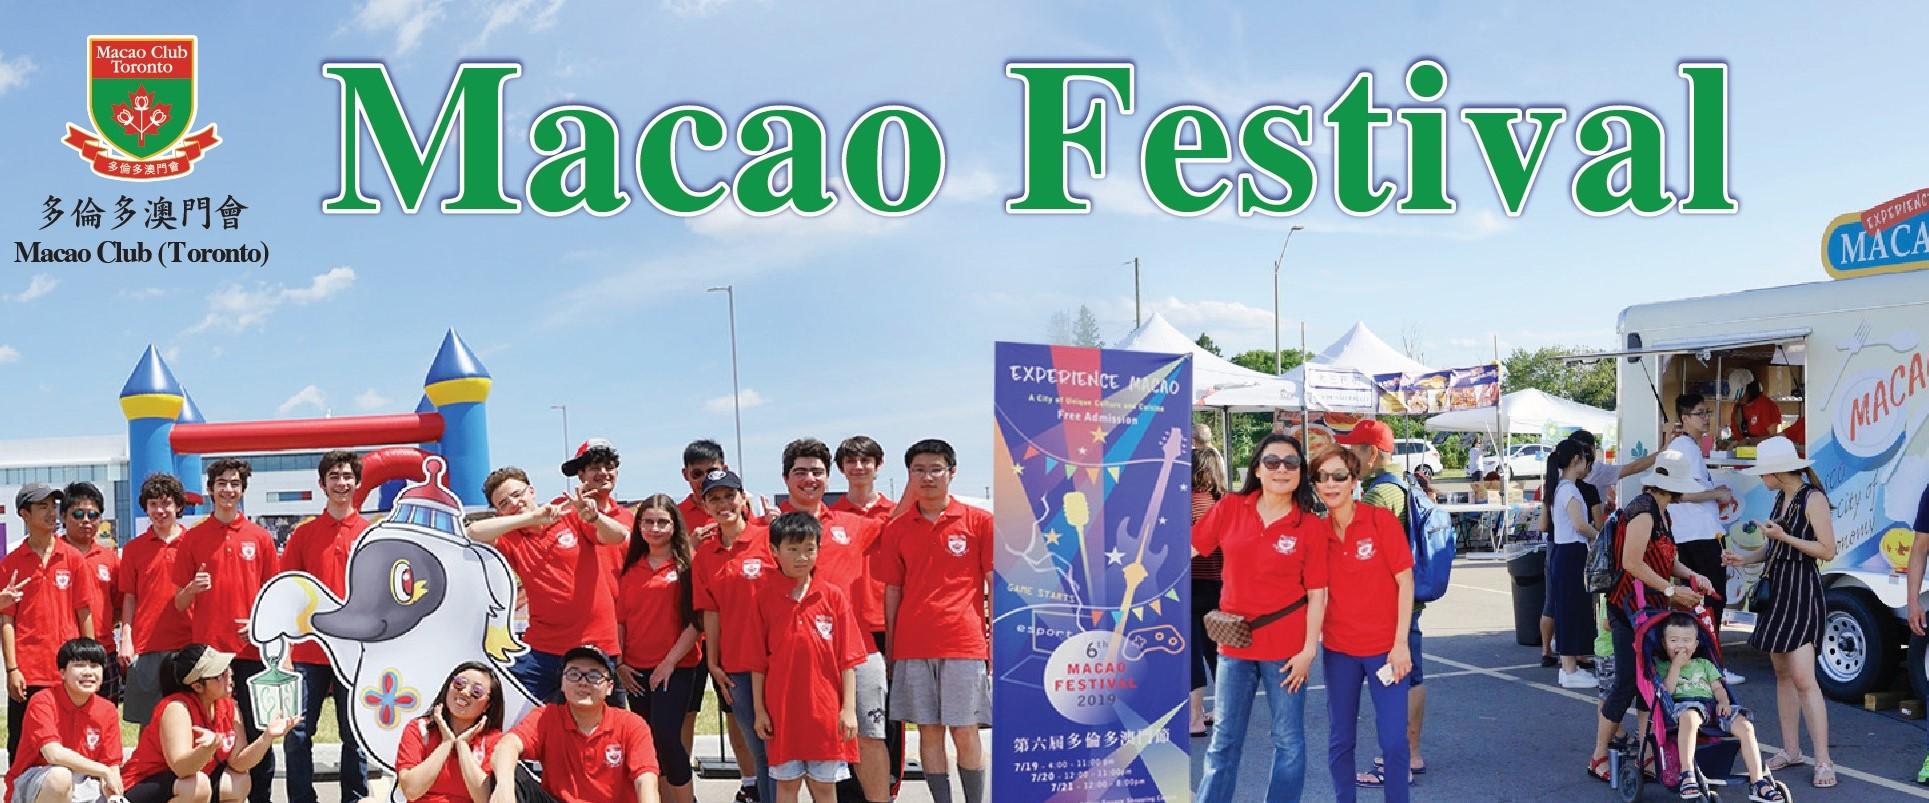 Macao Festival